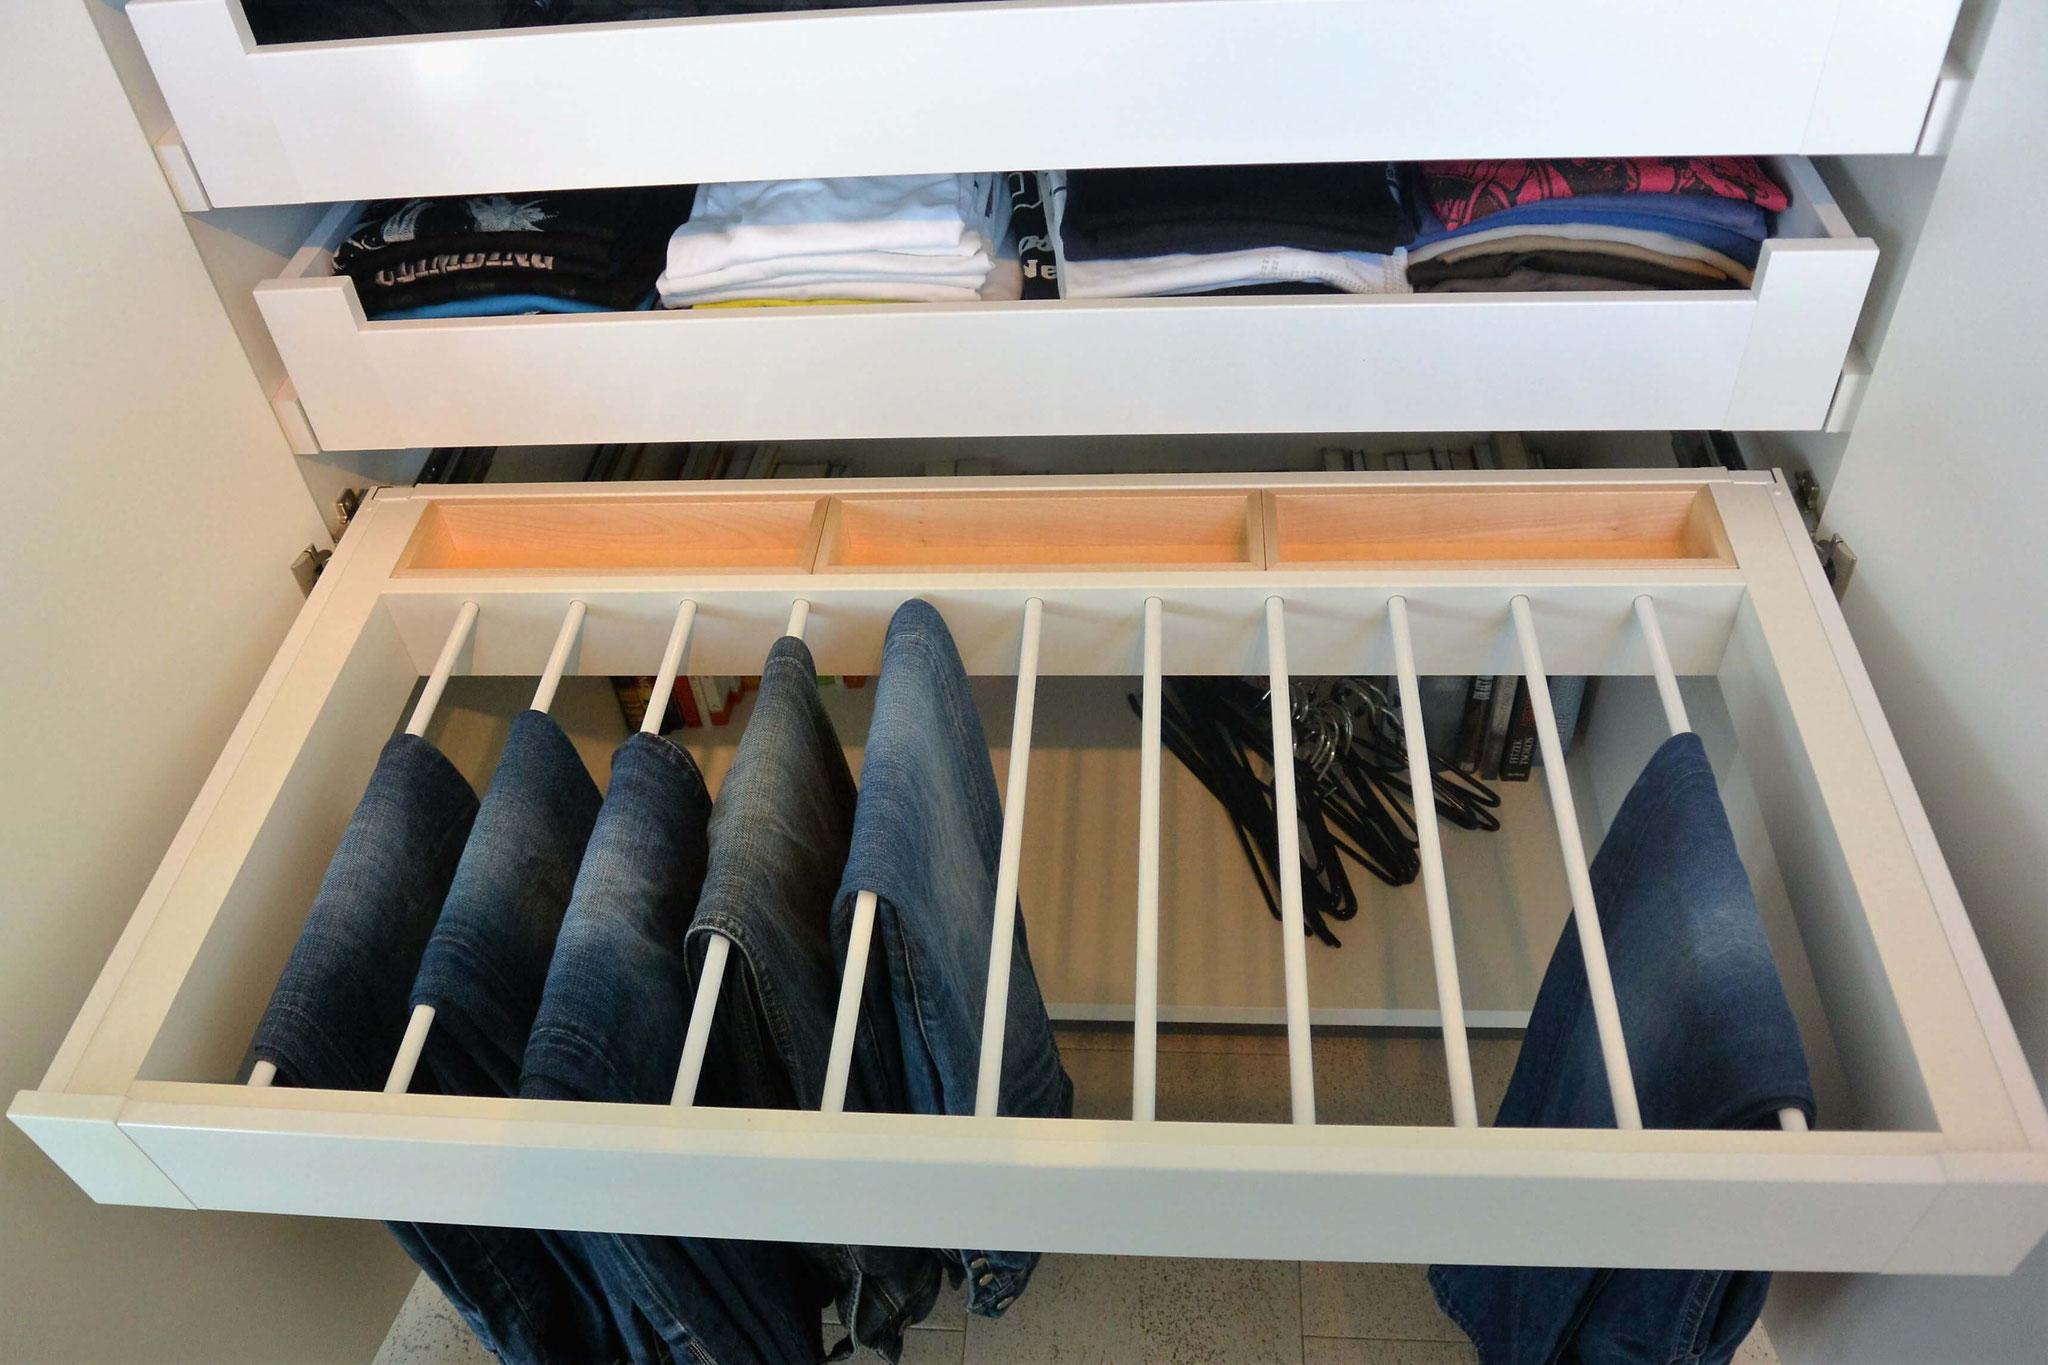 Hosenhalter mit Ablagefächer für Uhren, Schmuck usw.